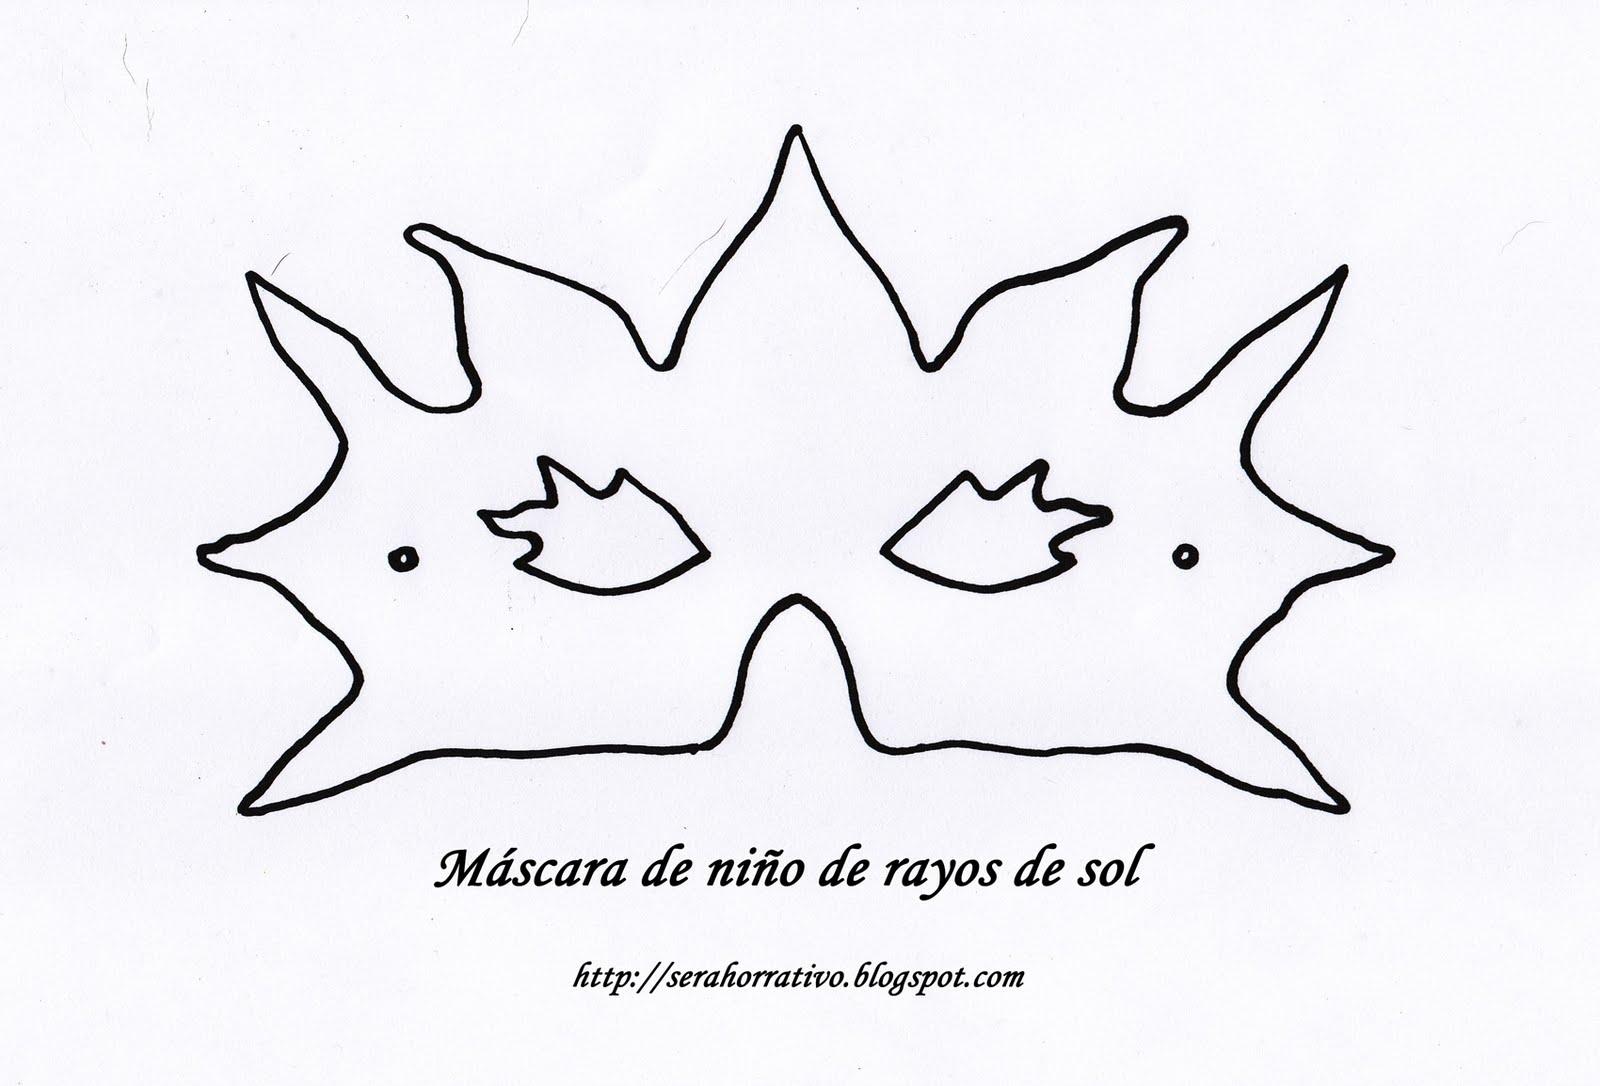 Plantilla Antifaz. Elegant Coleccin De Iconos De Mscara De Carnaval ...